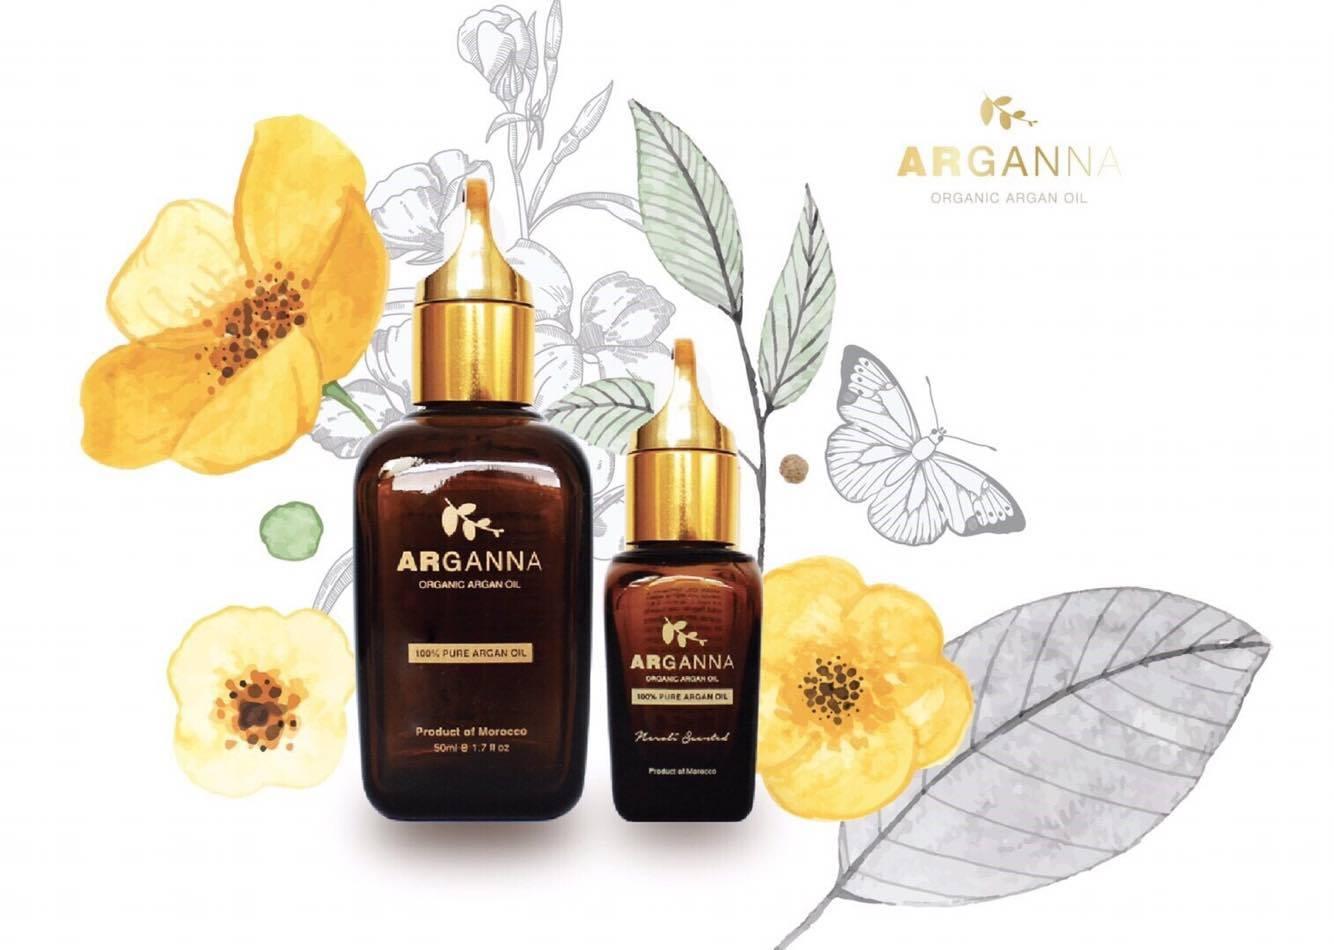 ARGANNA - Argan oil อาร์แกนออยล์บริสุทธิ์ลดการอักเสบของสิวและผิวหนัง ลดรอยแผลเป็น รอยดำจากสิว